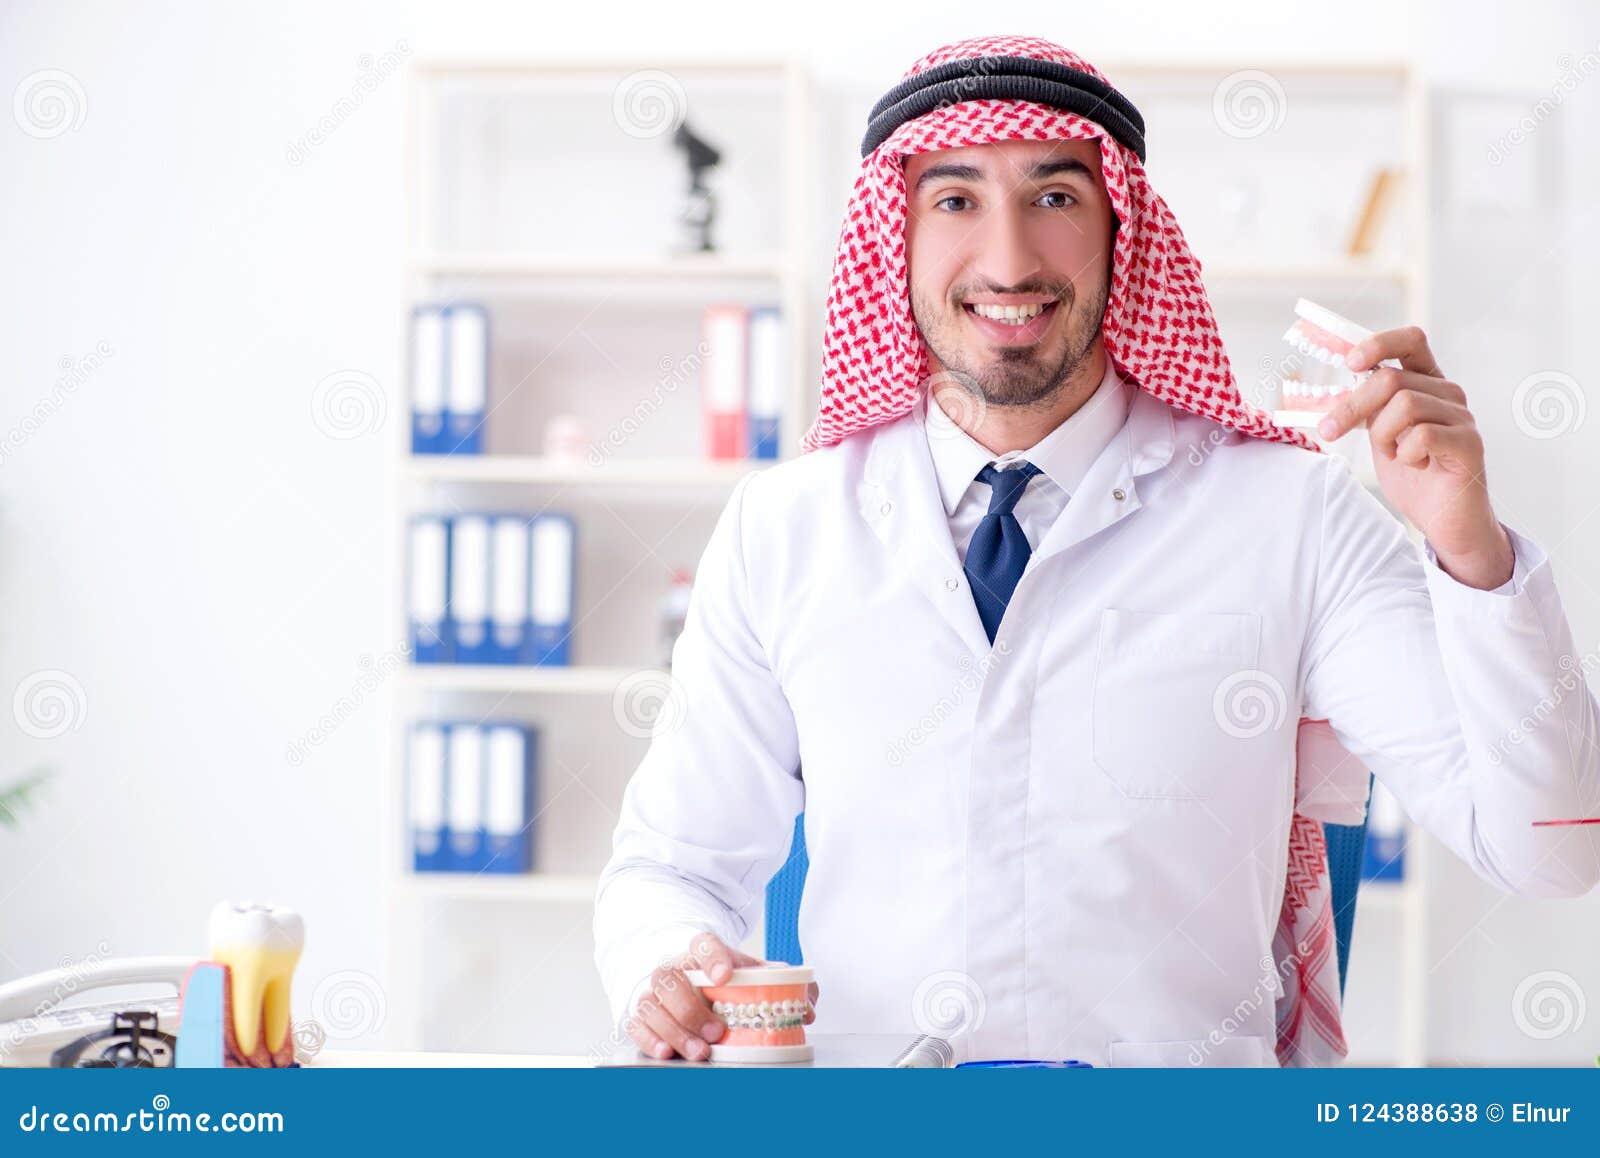 Ο αραβικός οδοντίατρος που εργάζεται στο νέο μόσχευμα δοντιών